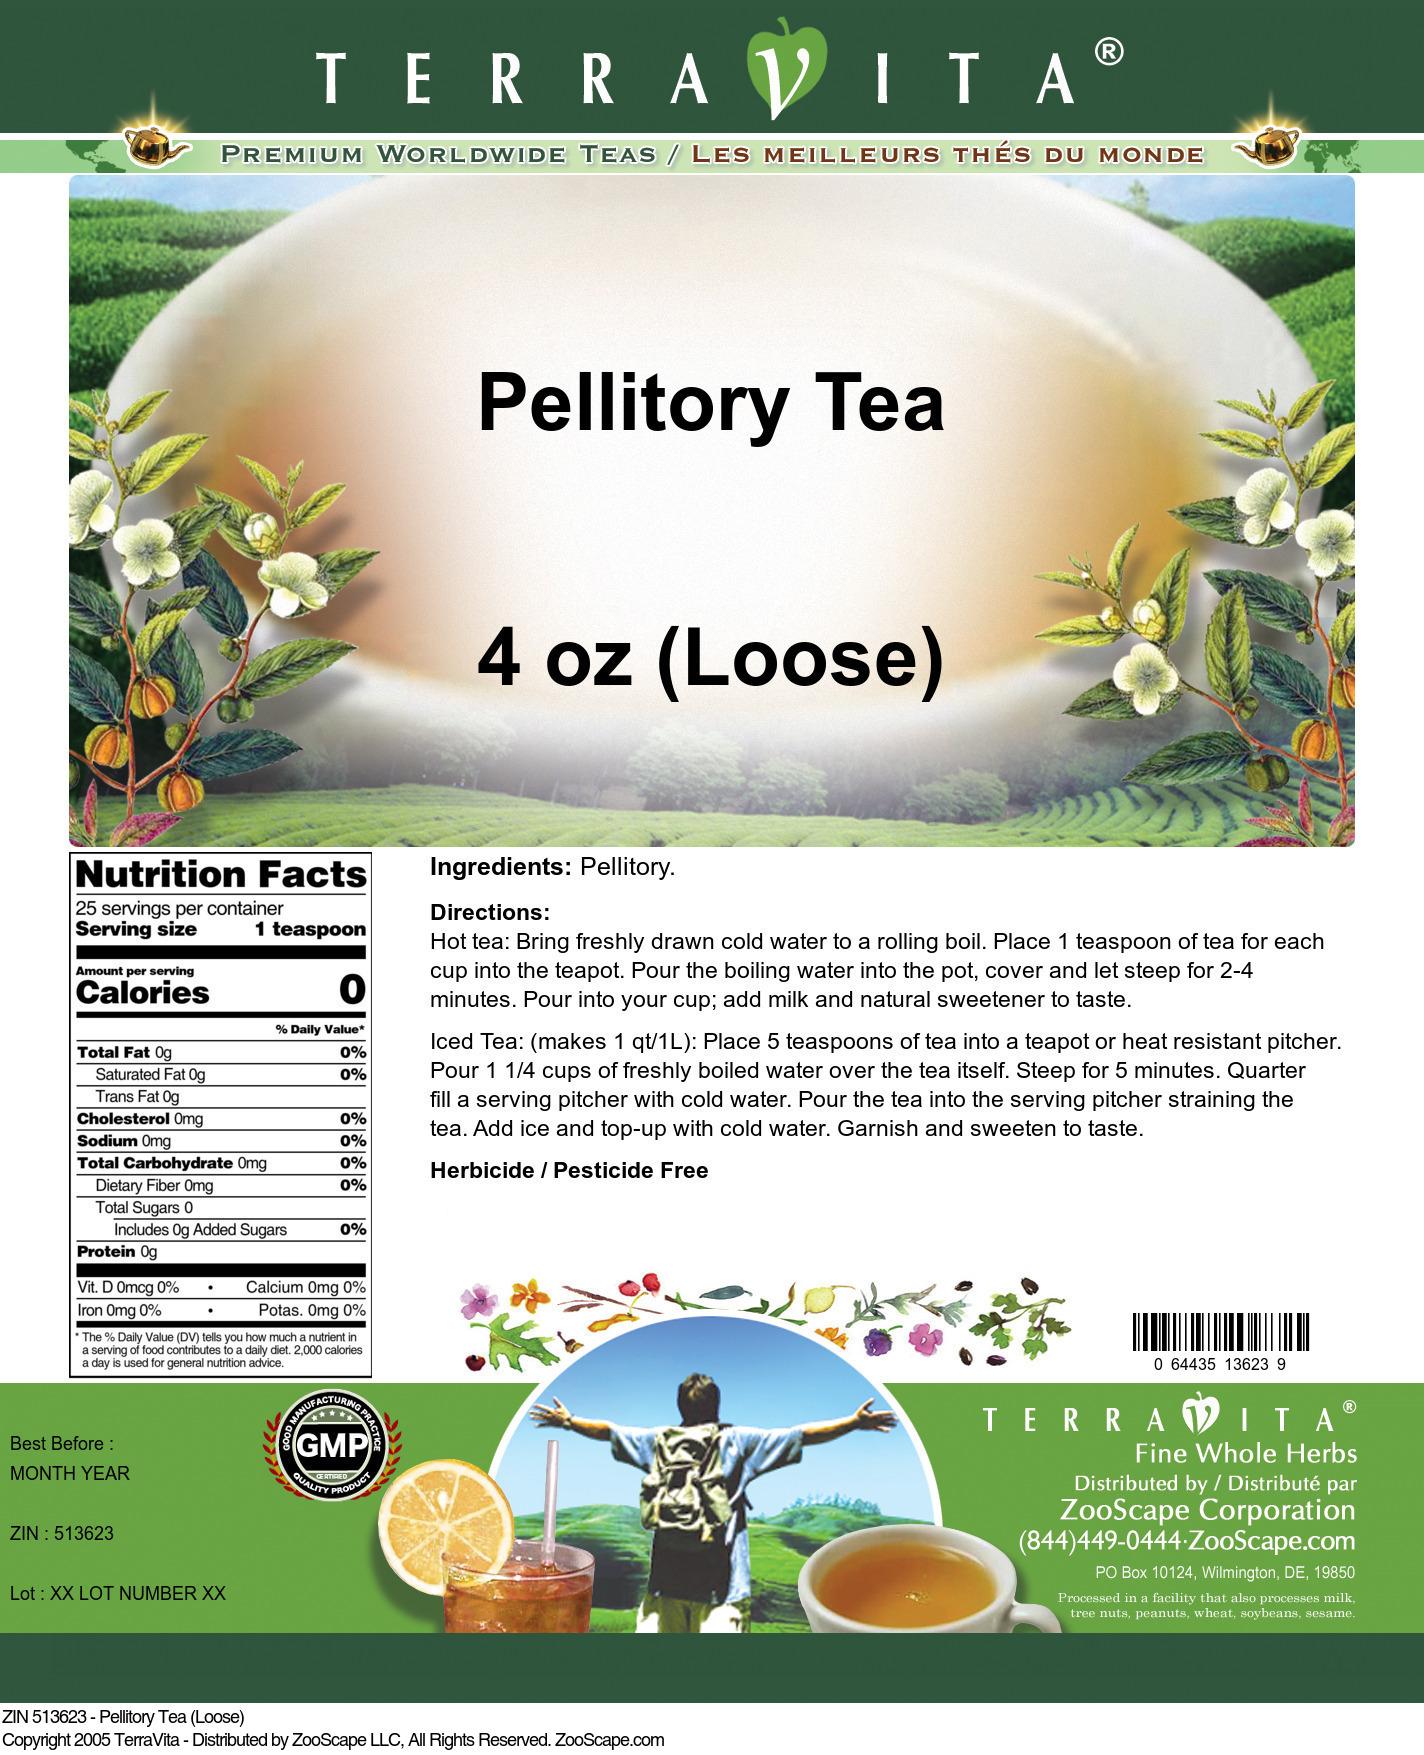 Pellitory Tea (Loose)